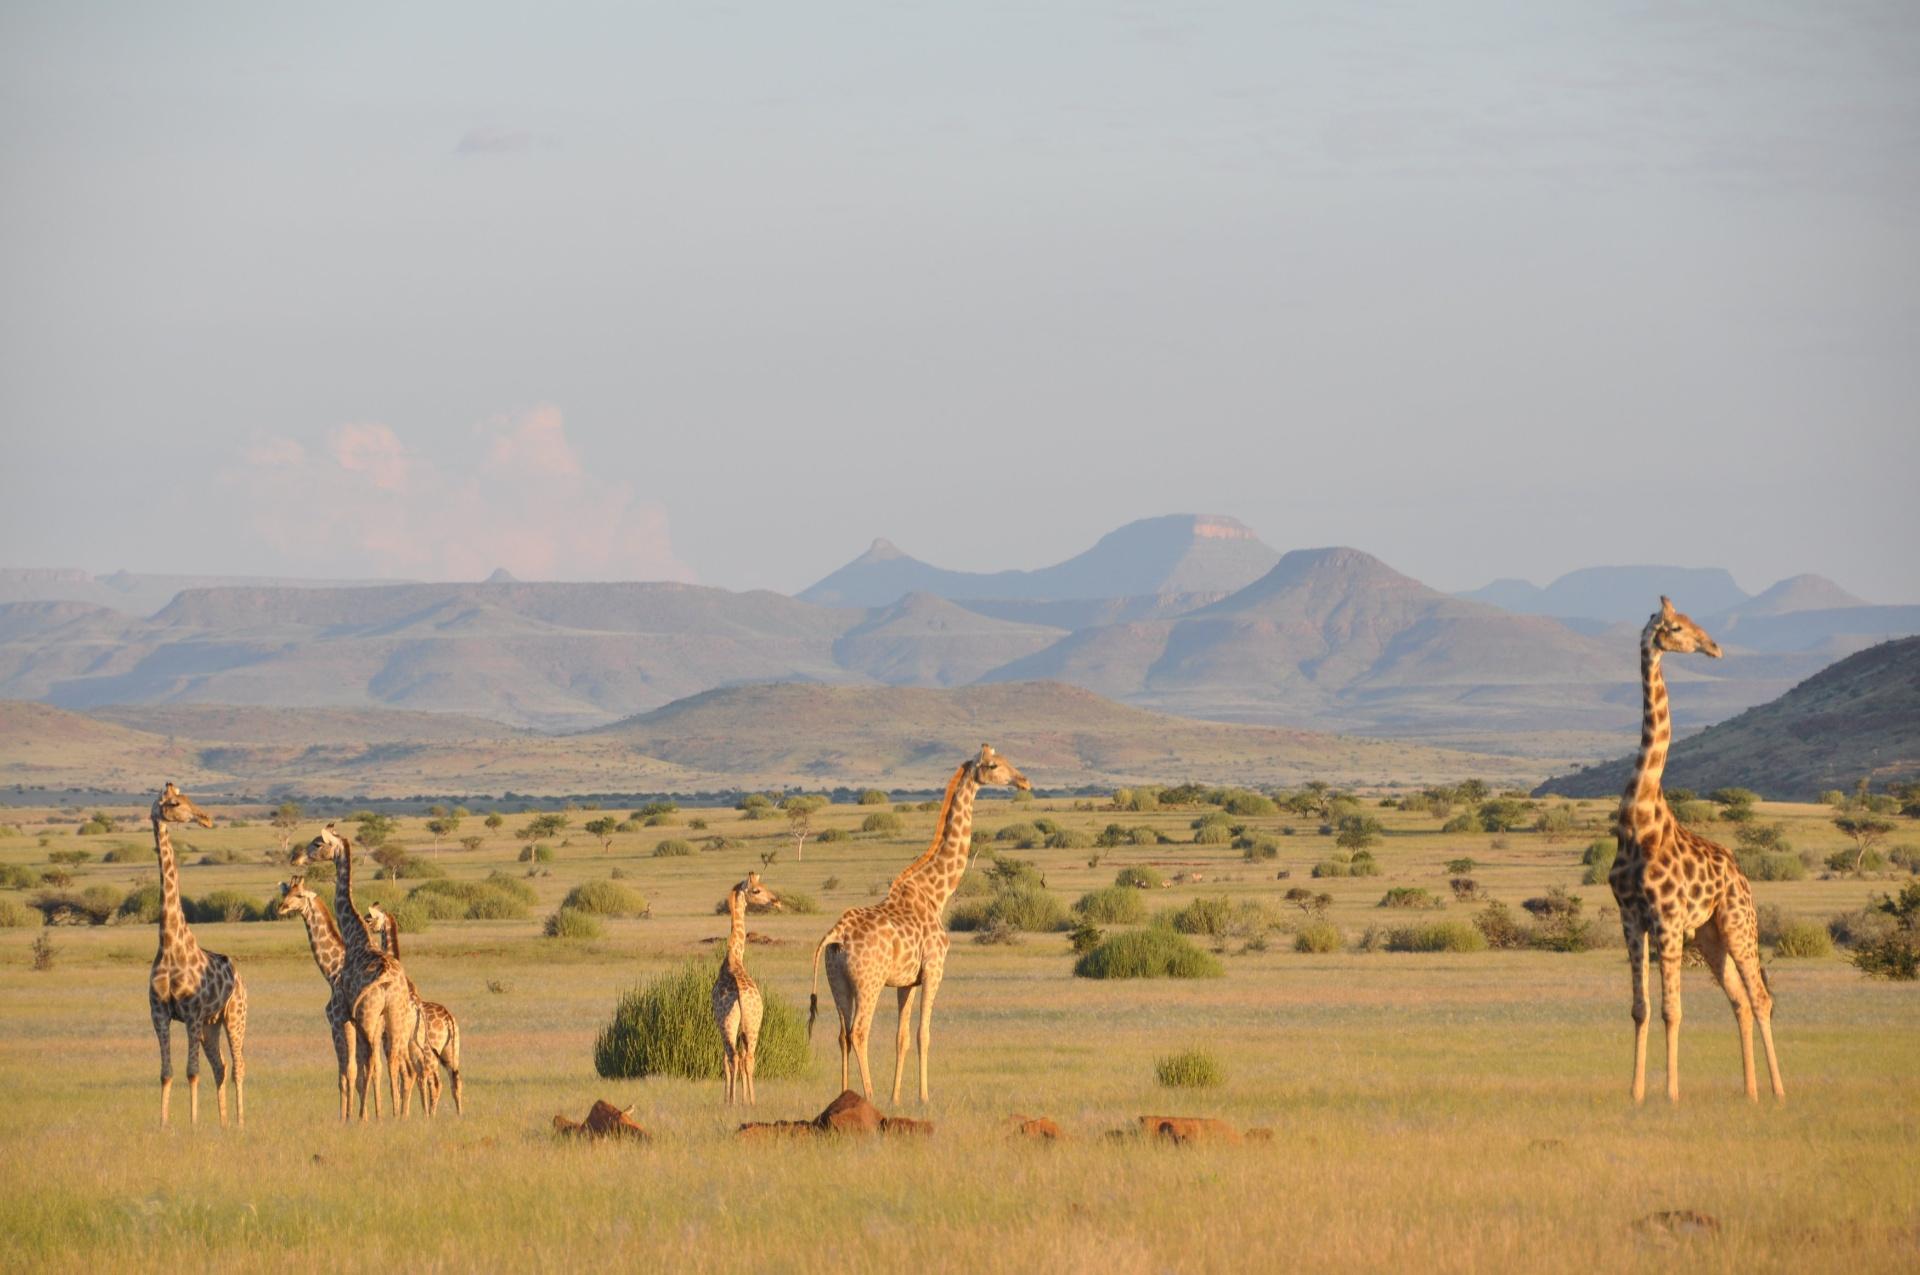 8.set.2016 - A ciência reconhecia até hoje a existência de uma única espécie de girafas, que se subdividiam em diversas subespécies. Mas um grupo de cientistas da Alemanha realizou a maior análise genética feita até hoje sobre o animal e concluiu que existem quatro espécies diferentes de girafas no mundo